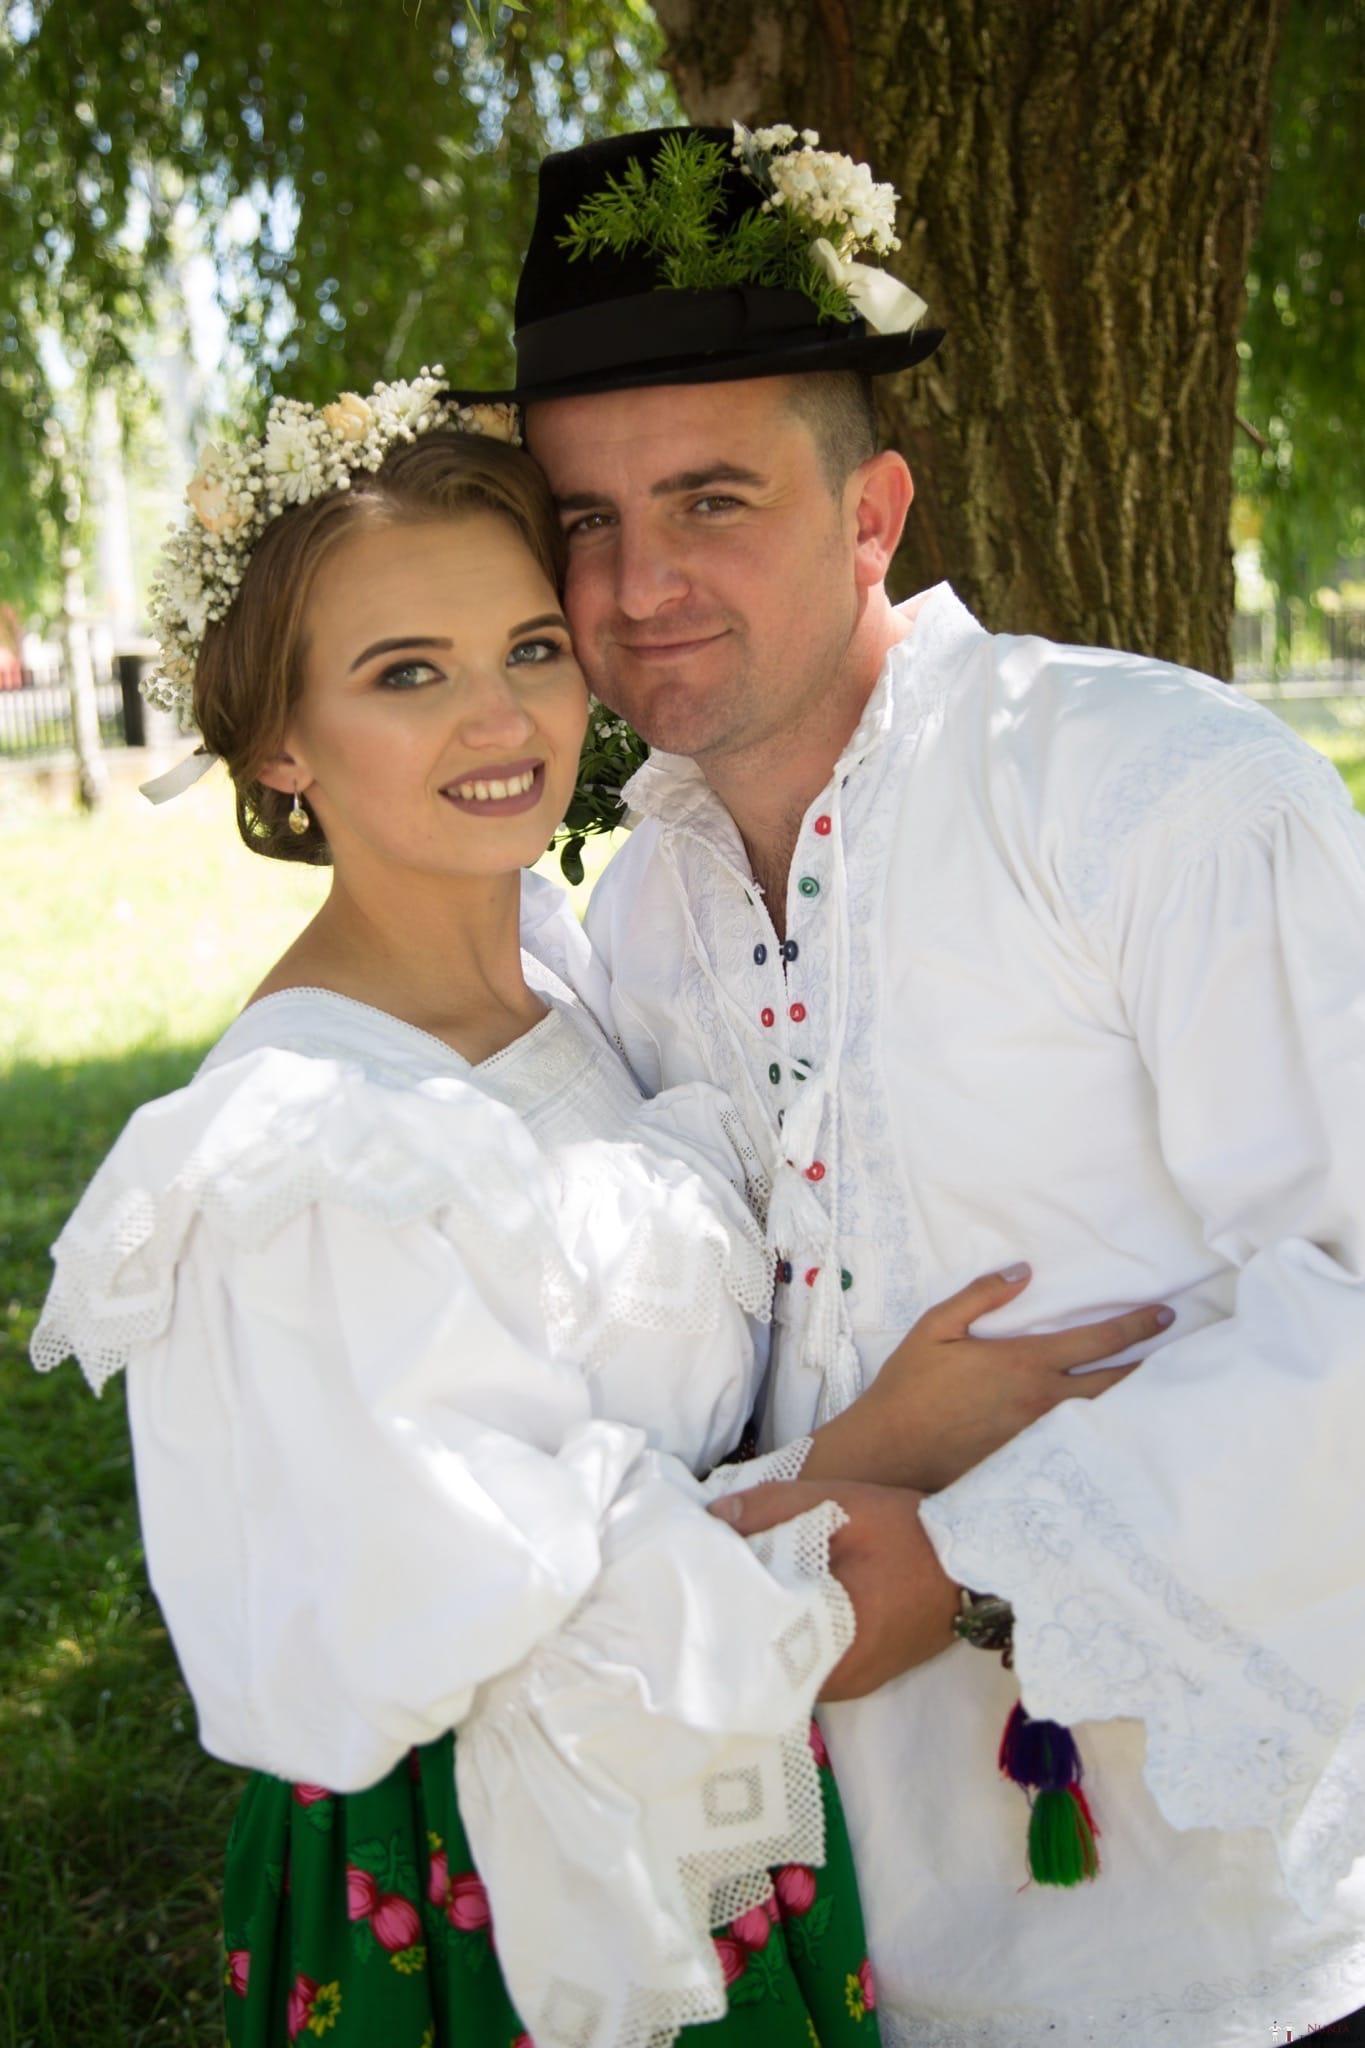 Povești Nunți Tradiționale - Ancuța și Nicu, cununie tradițională în Giulești, Maramureș 36